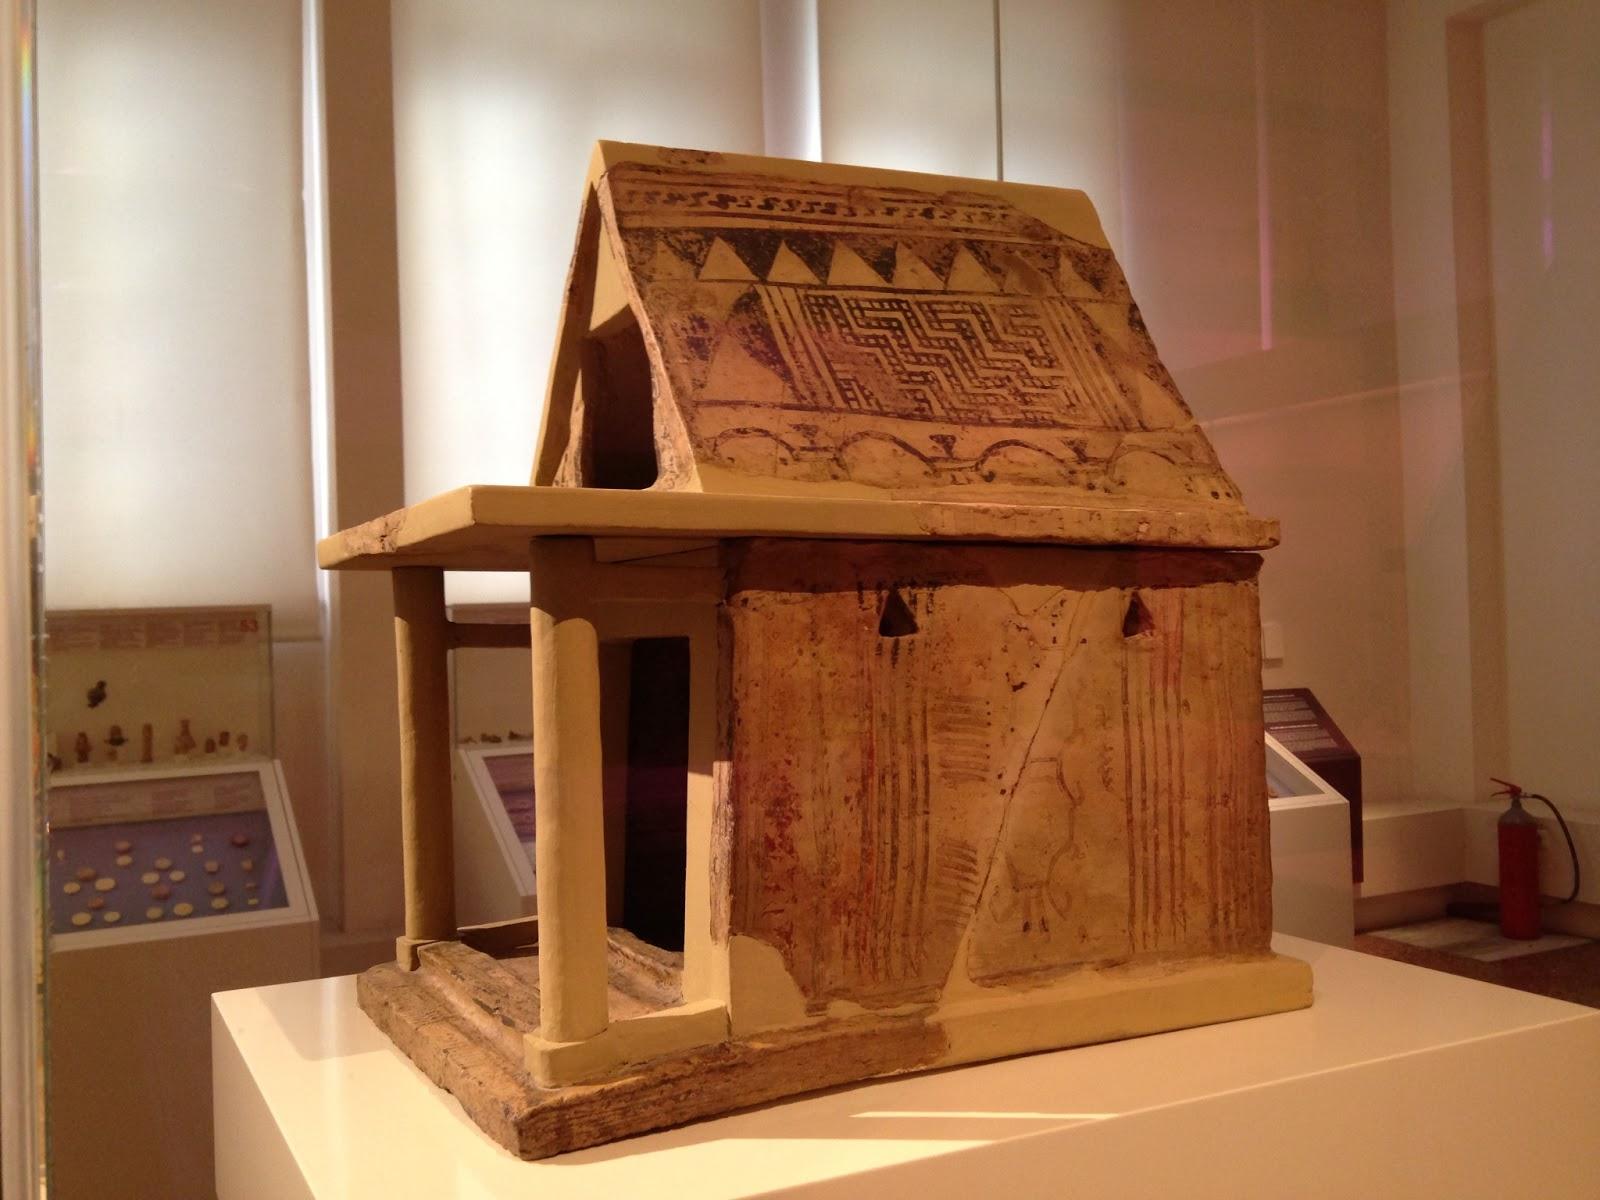 Tocho t8 maquetas de arquitectura de la grecia antigua Casas griegas antiguas